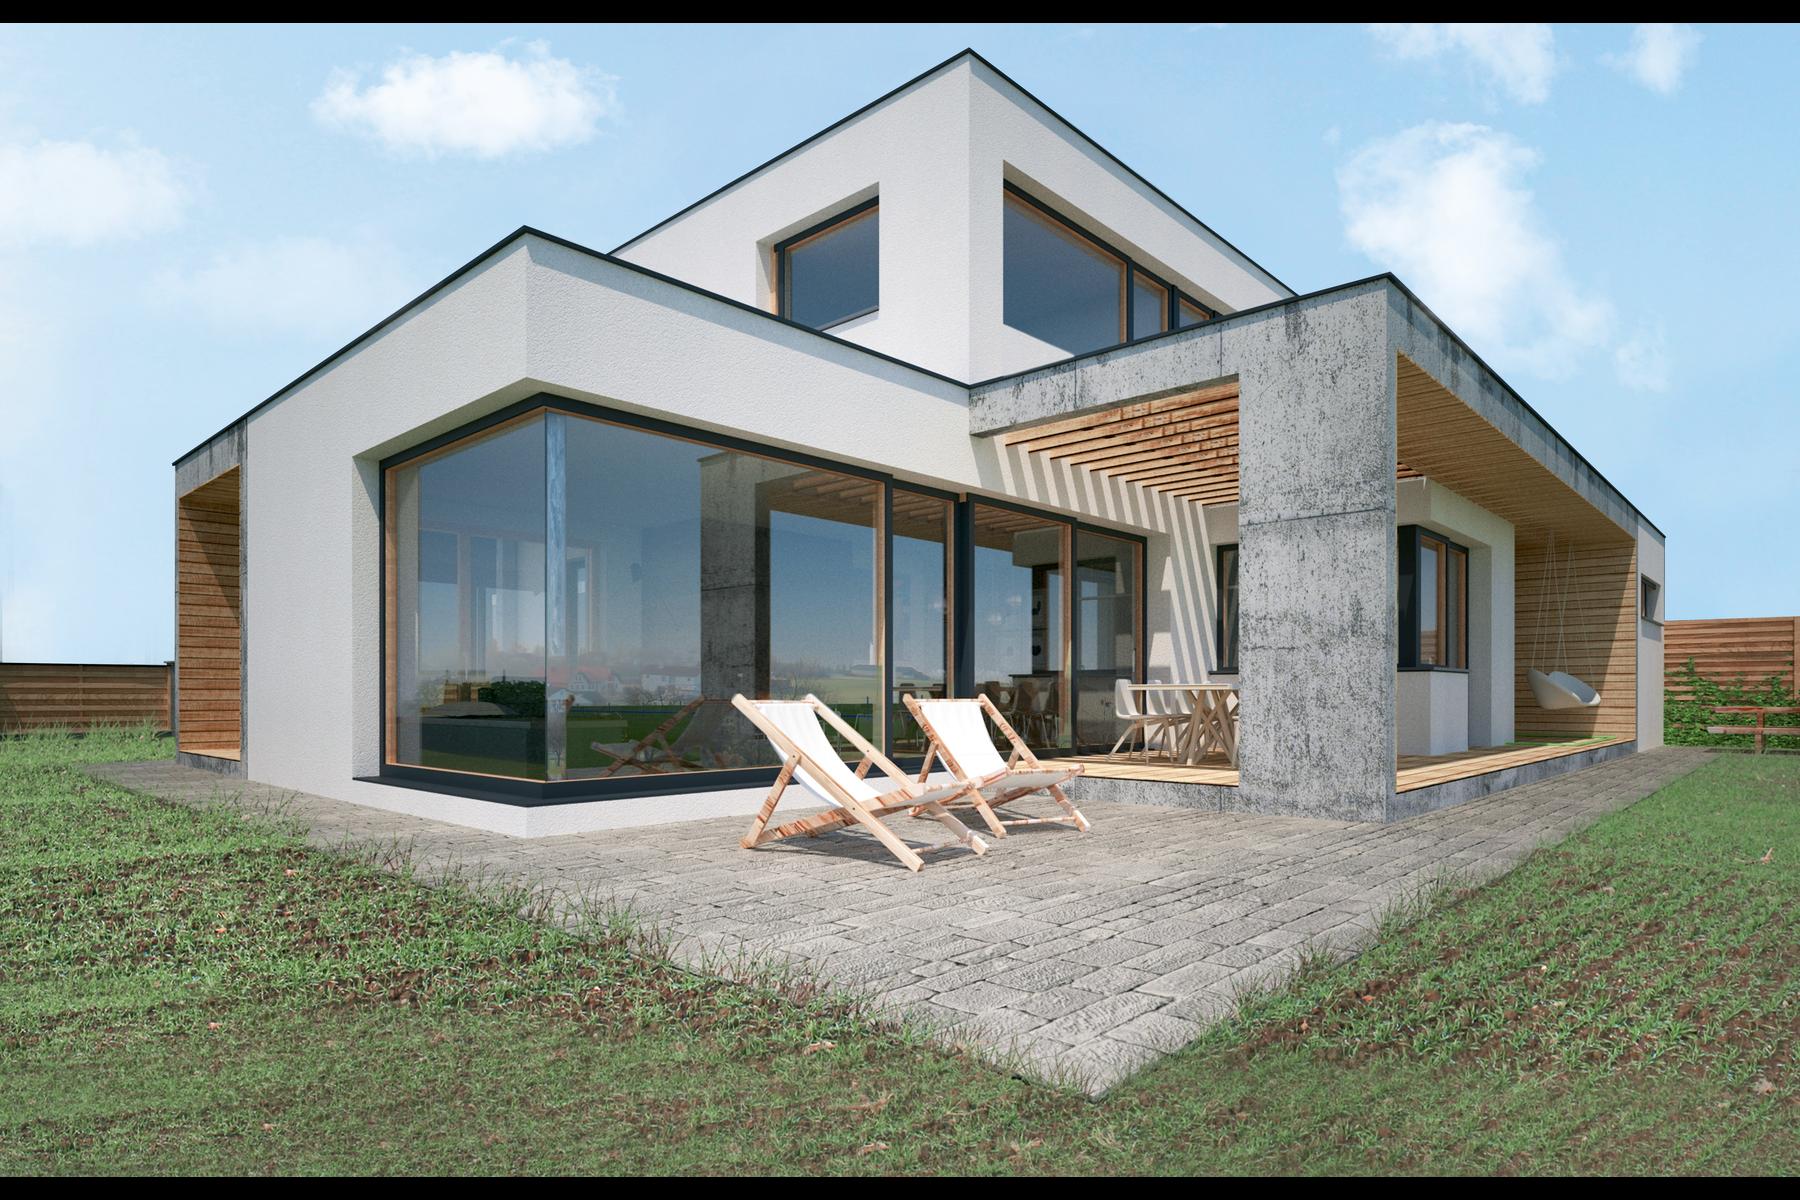 Bilder Häuser & Villen   exclusive BAUEN & WOHNEN